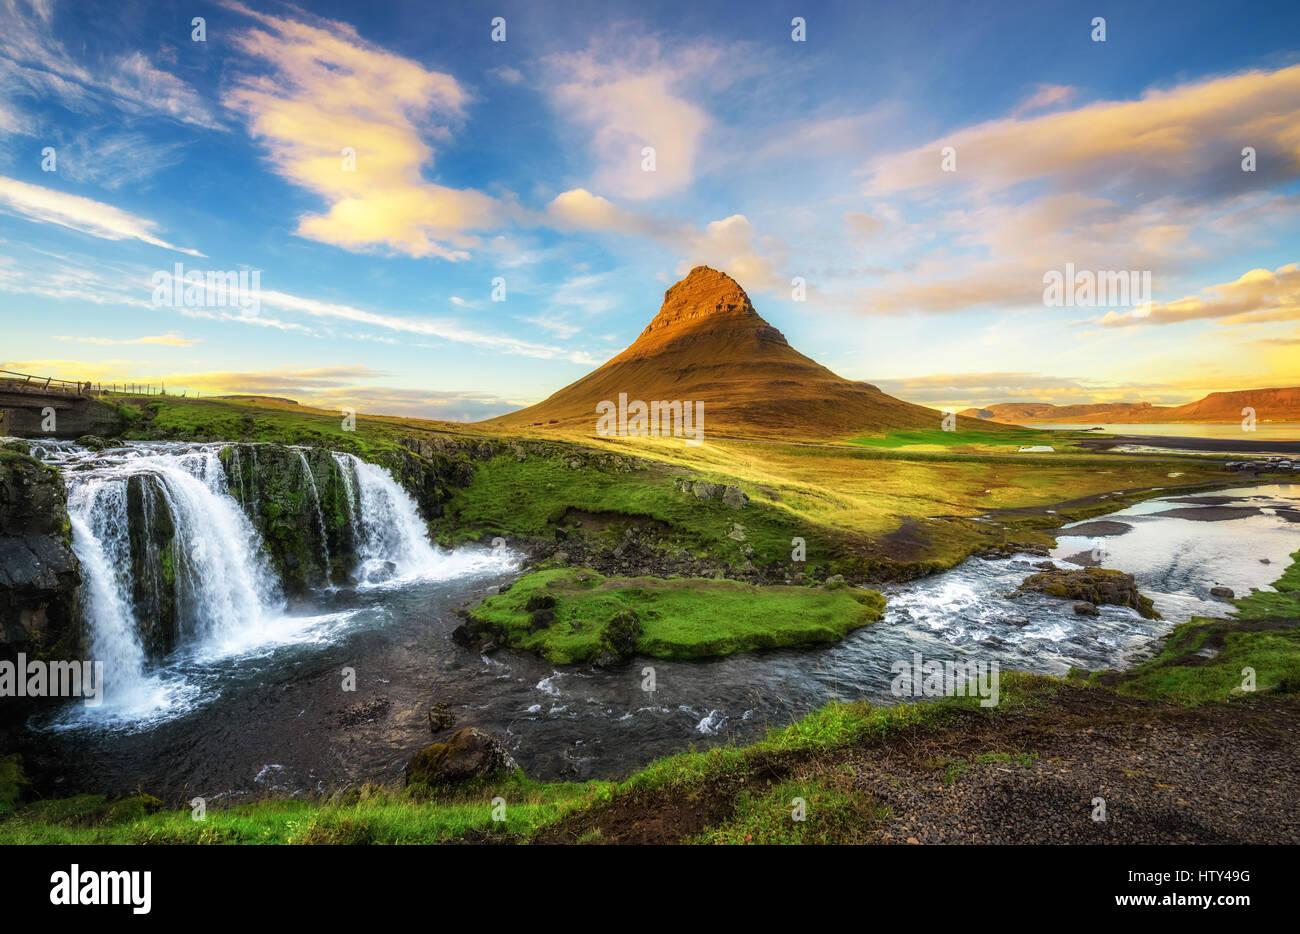 Été coucher de soleil sur la célèbre chute d'Kirkjufellsfoss avec en toile de fond la montagne Photo Stock